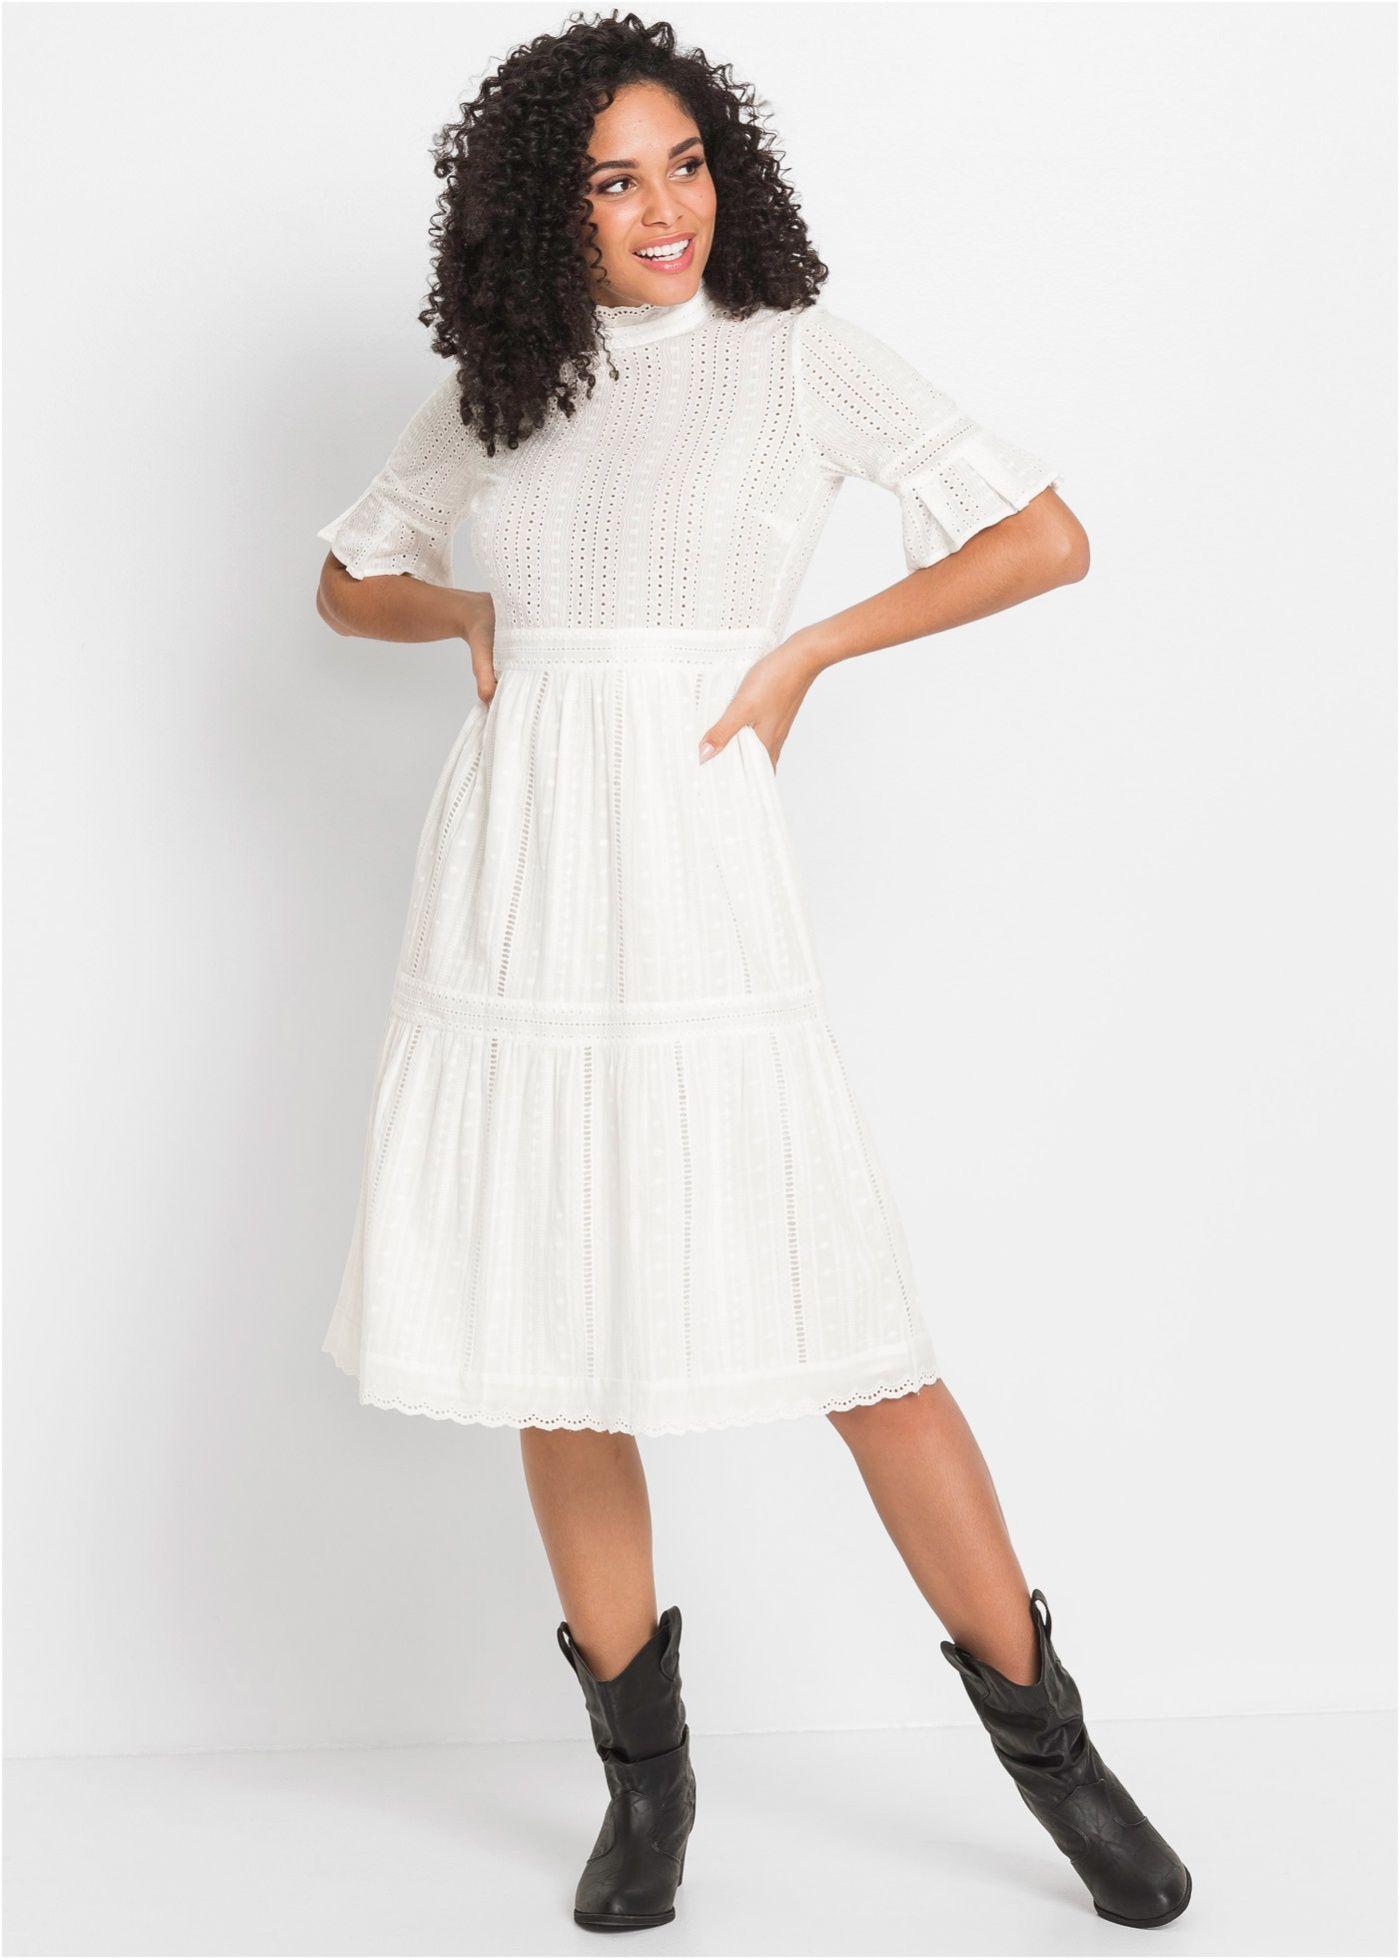 Baumwoll-Kleid mit Spitze   Kleid spitze, Spitzenkleid ...